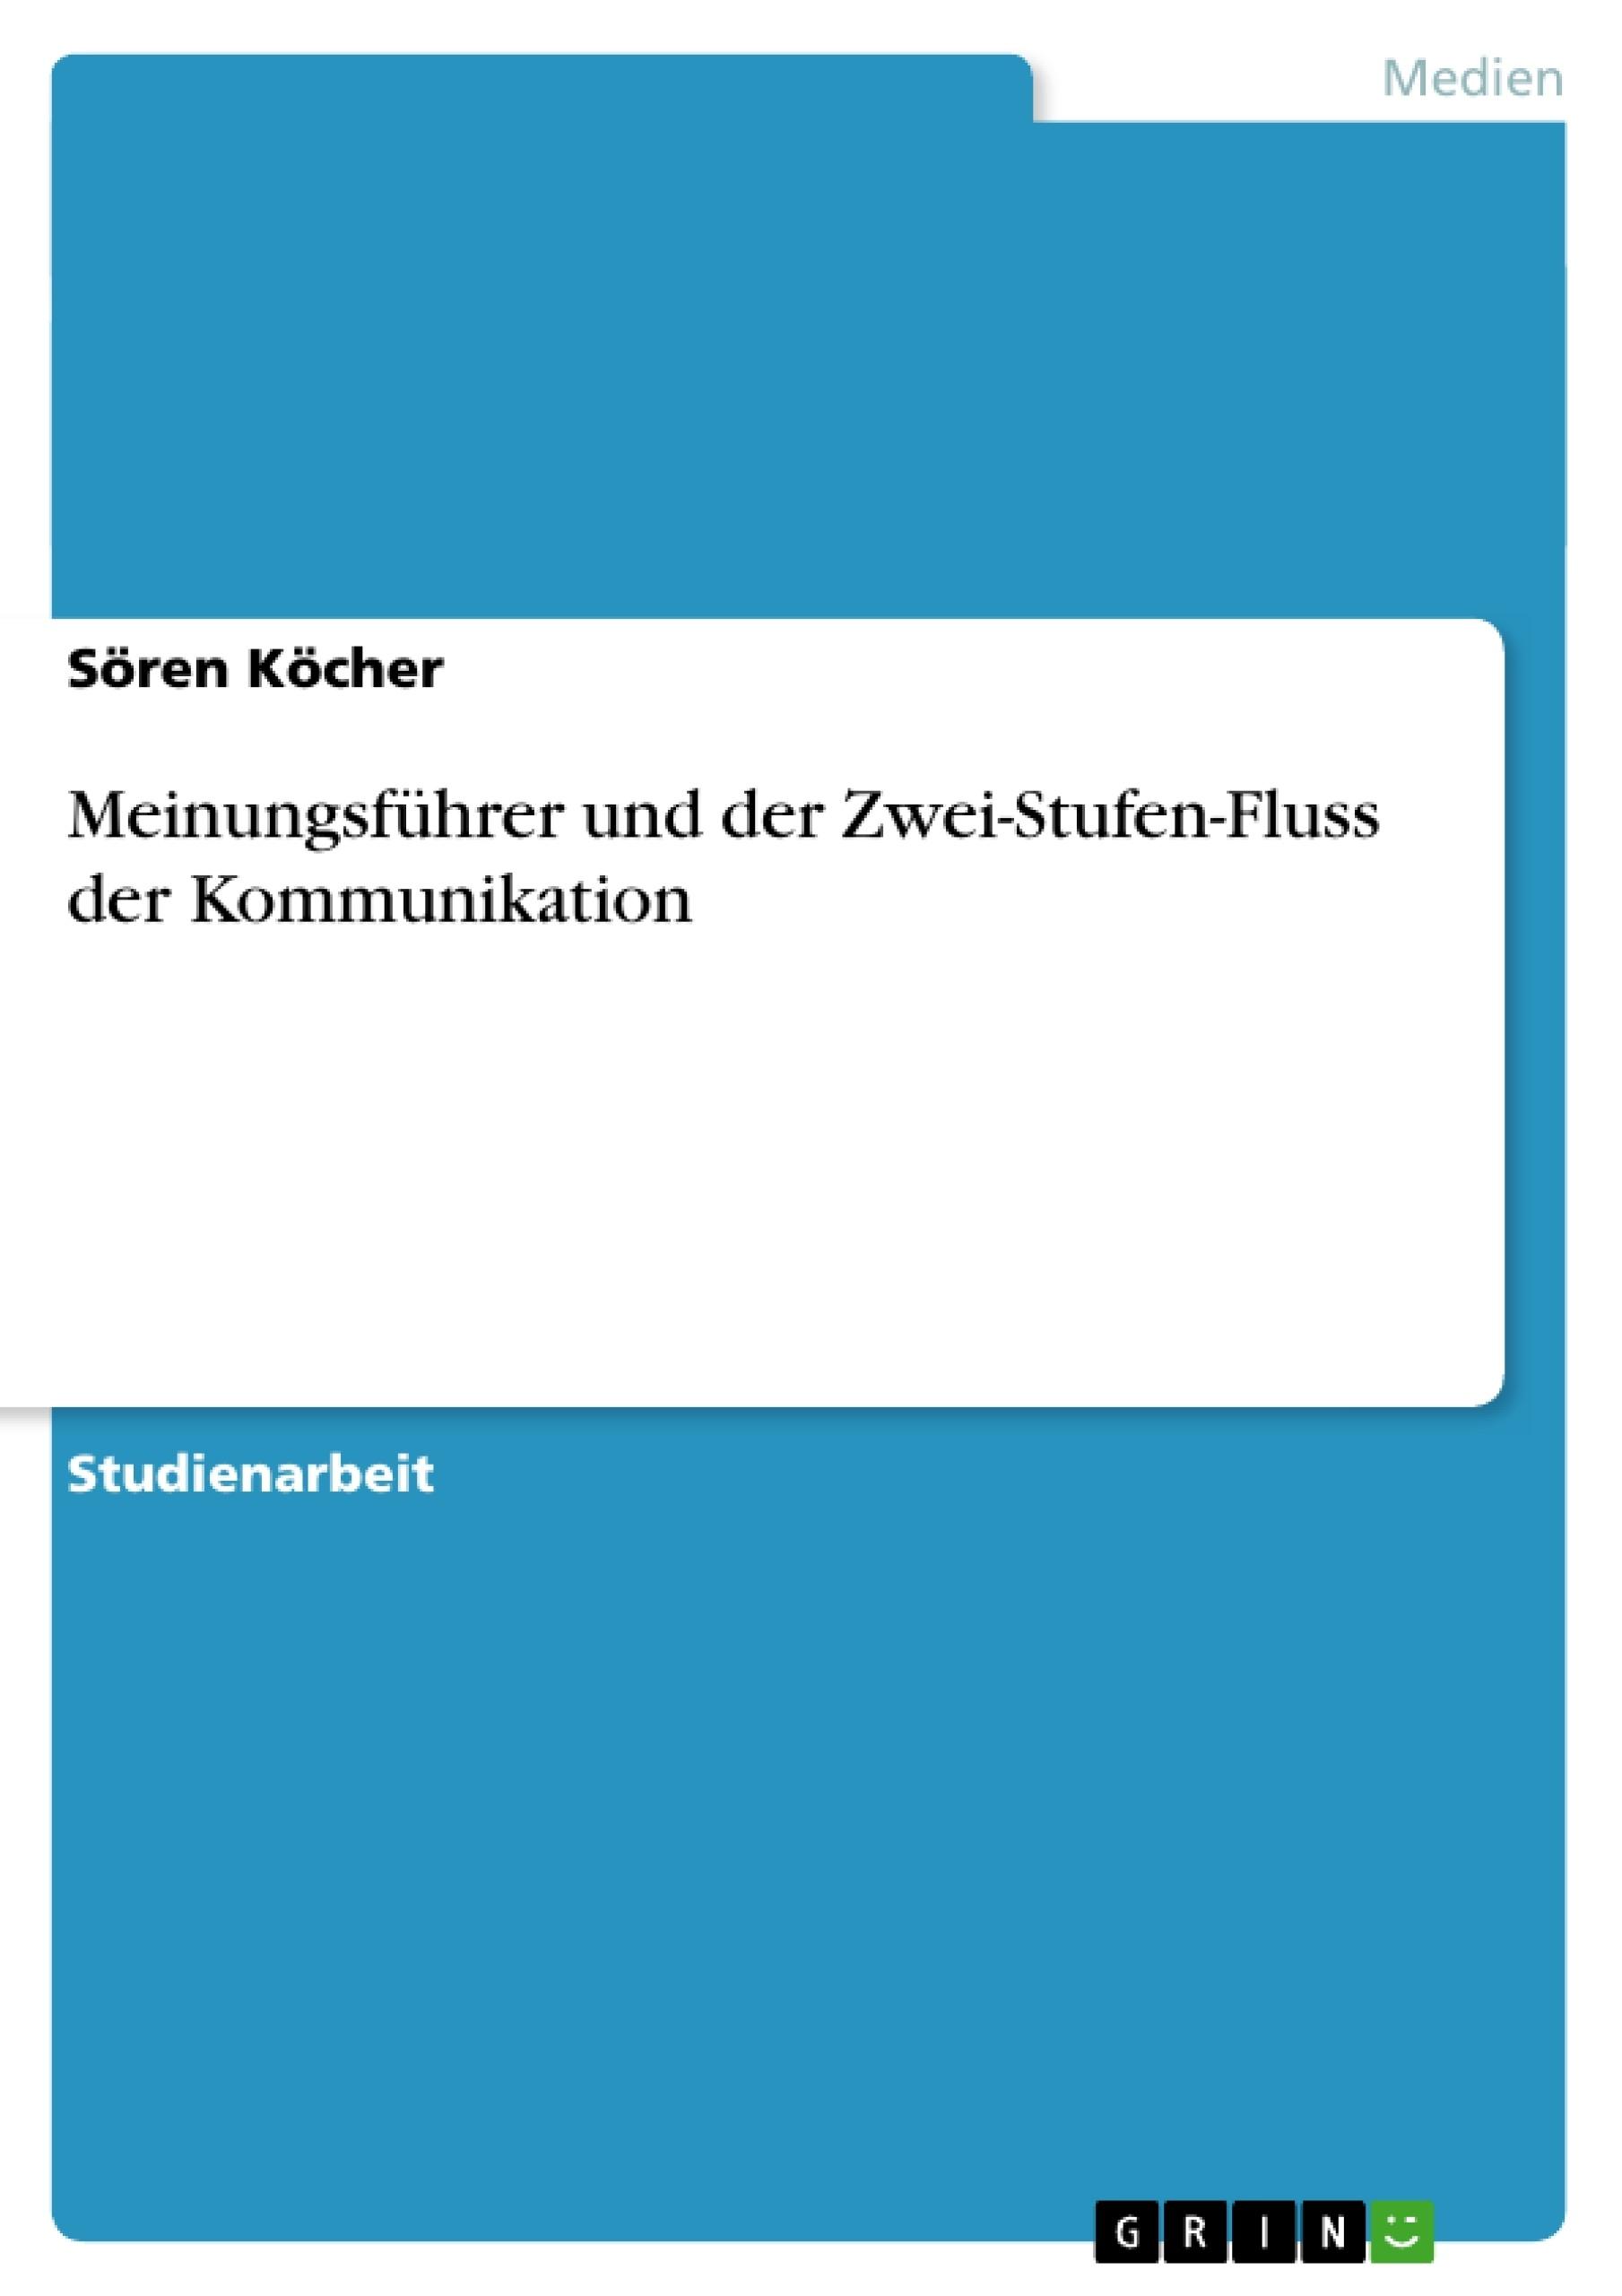 Titel: Meinungsführer und der Zwei-Stufen-Fluss der Kommunikation